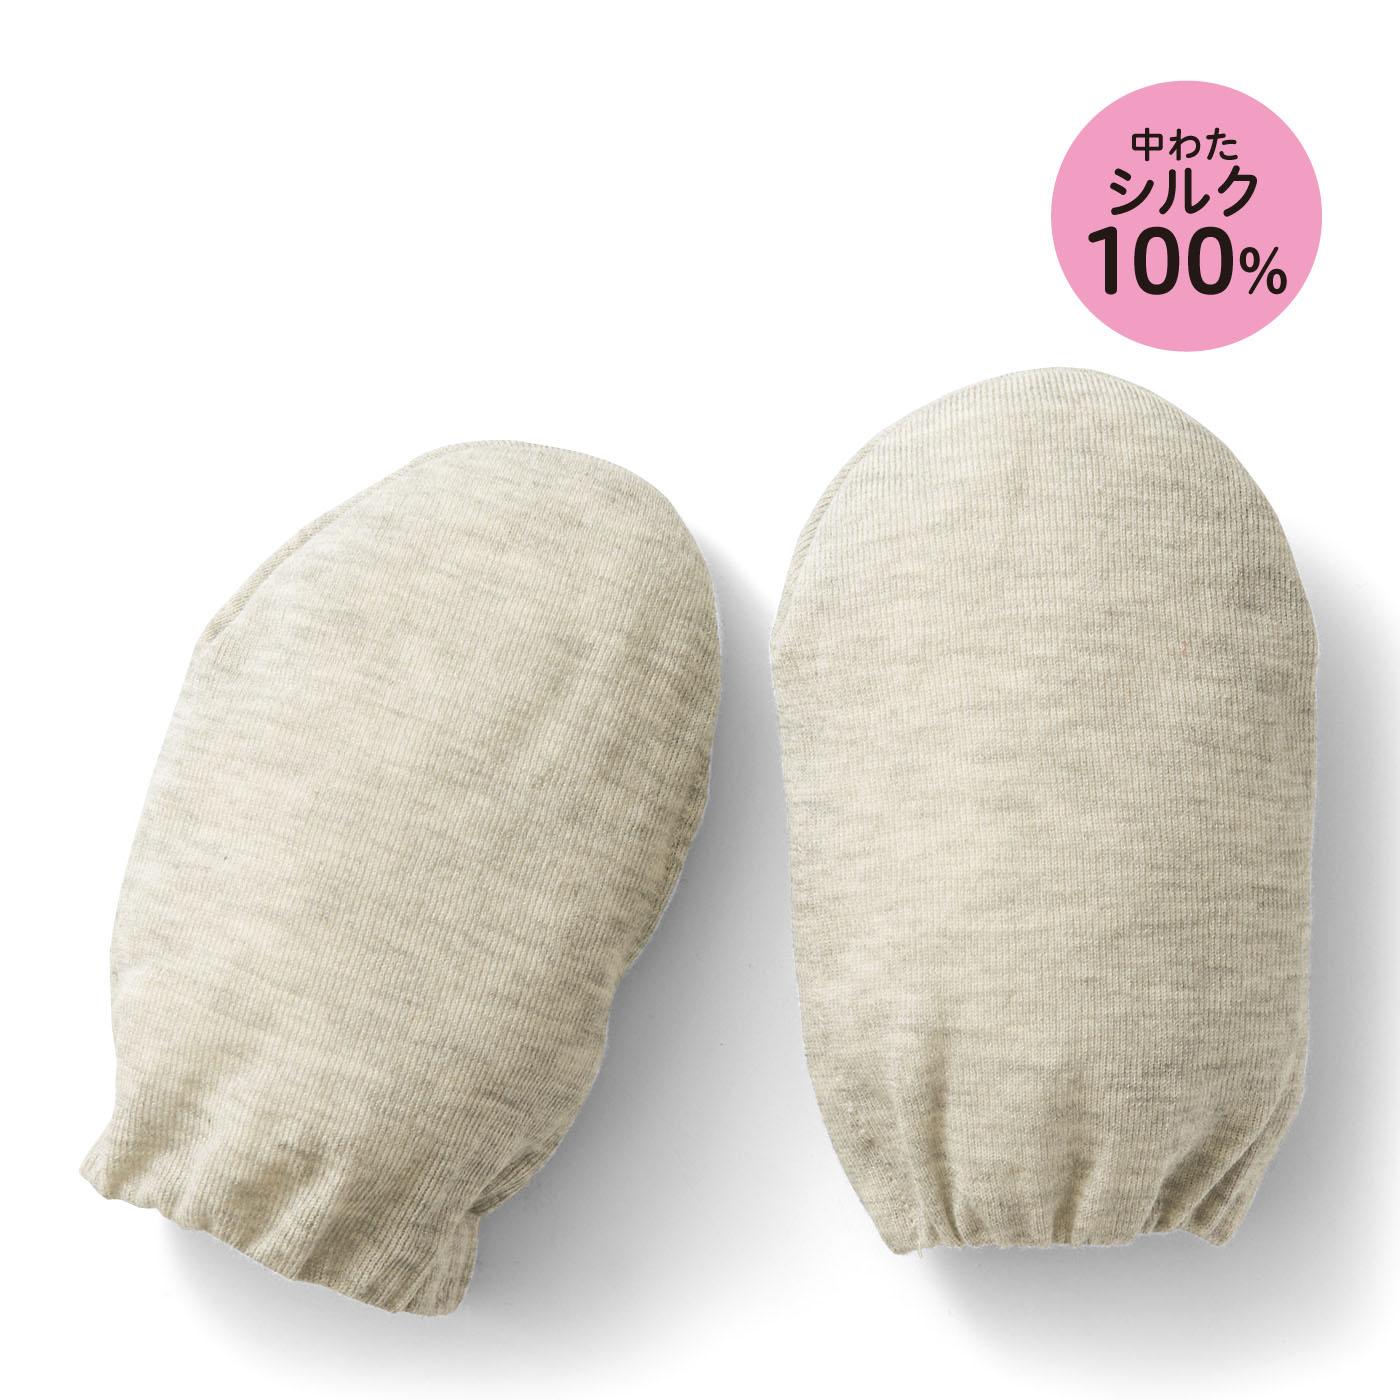 ふんわりとやわらかな綿ニット素材でシルク真綿を包んでいます。シルクならではの保温力で冷えやすい足先を守ります。